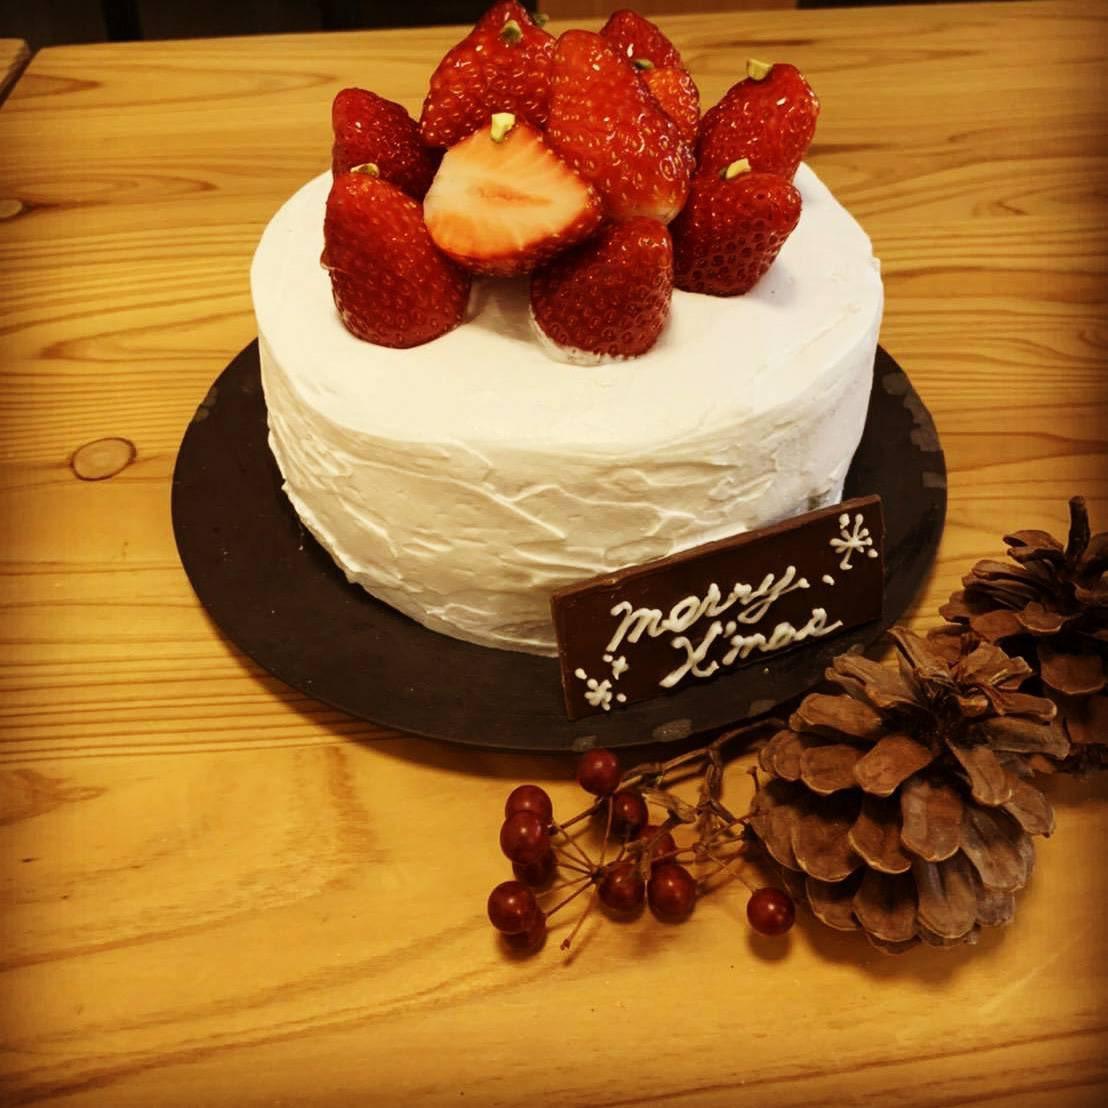 🎄 クリスマスケーキ教室のご案内 🍰